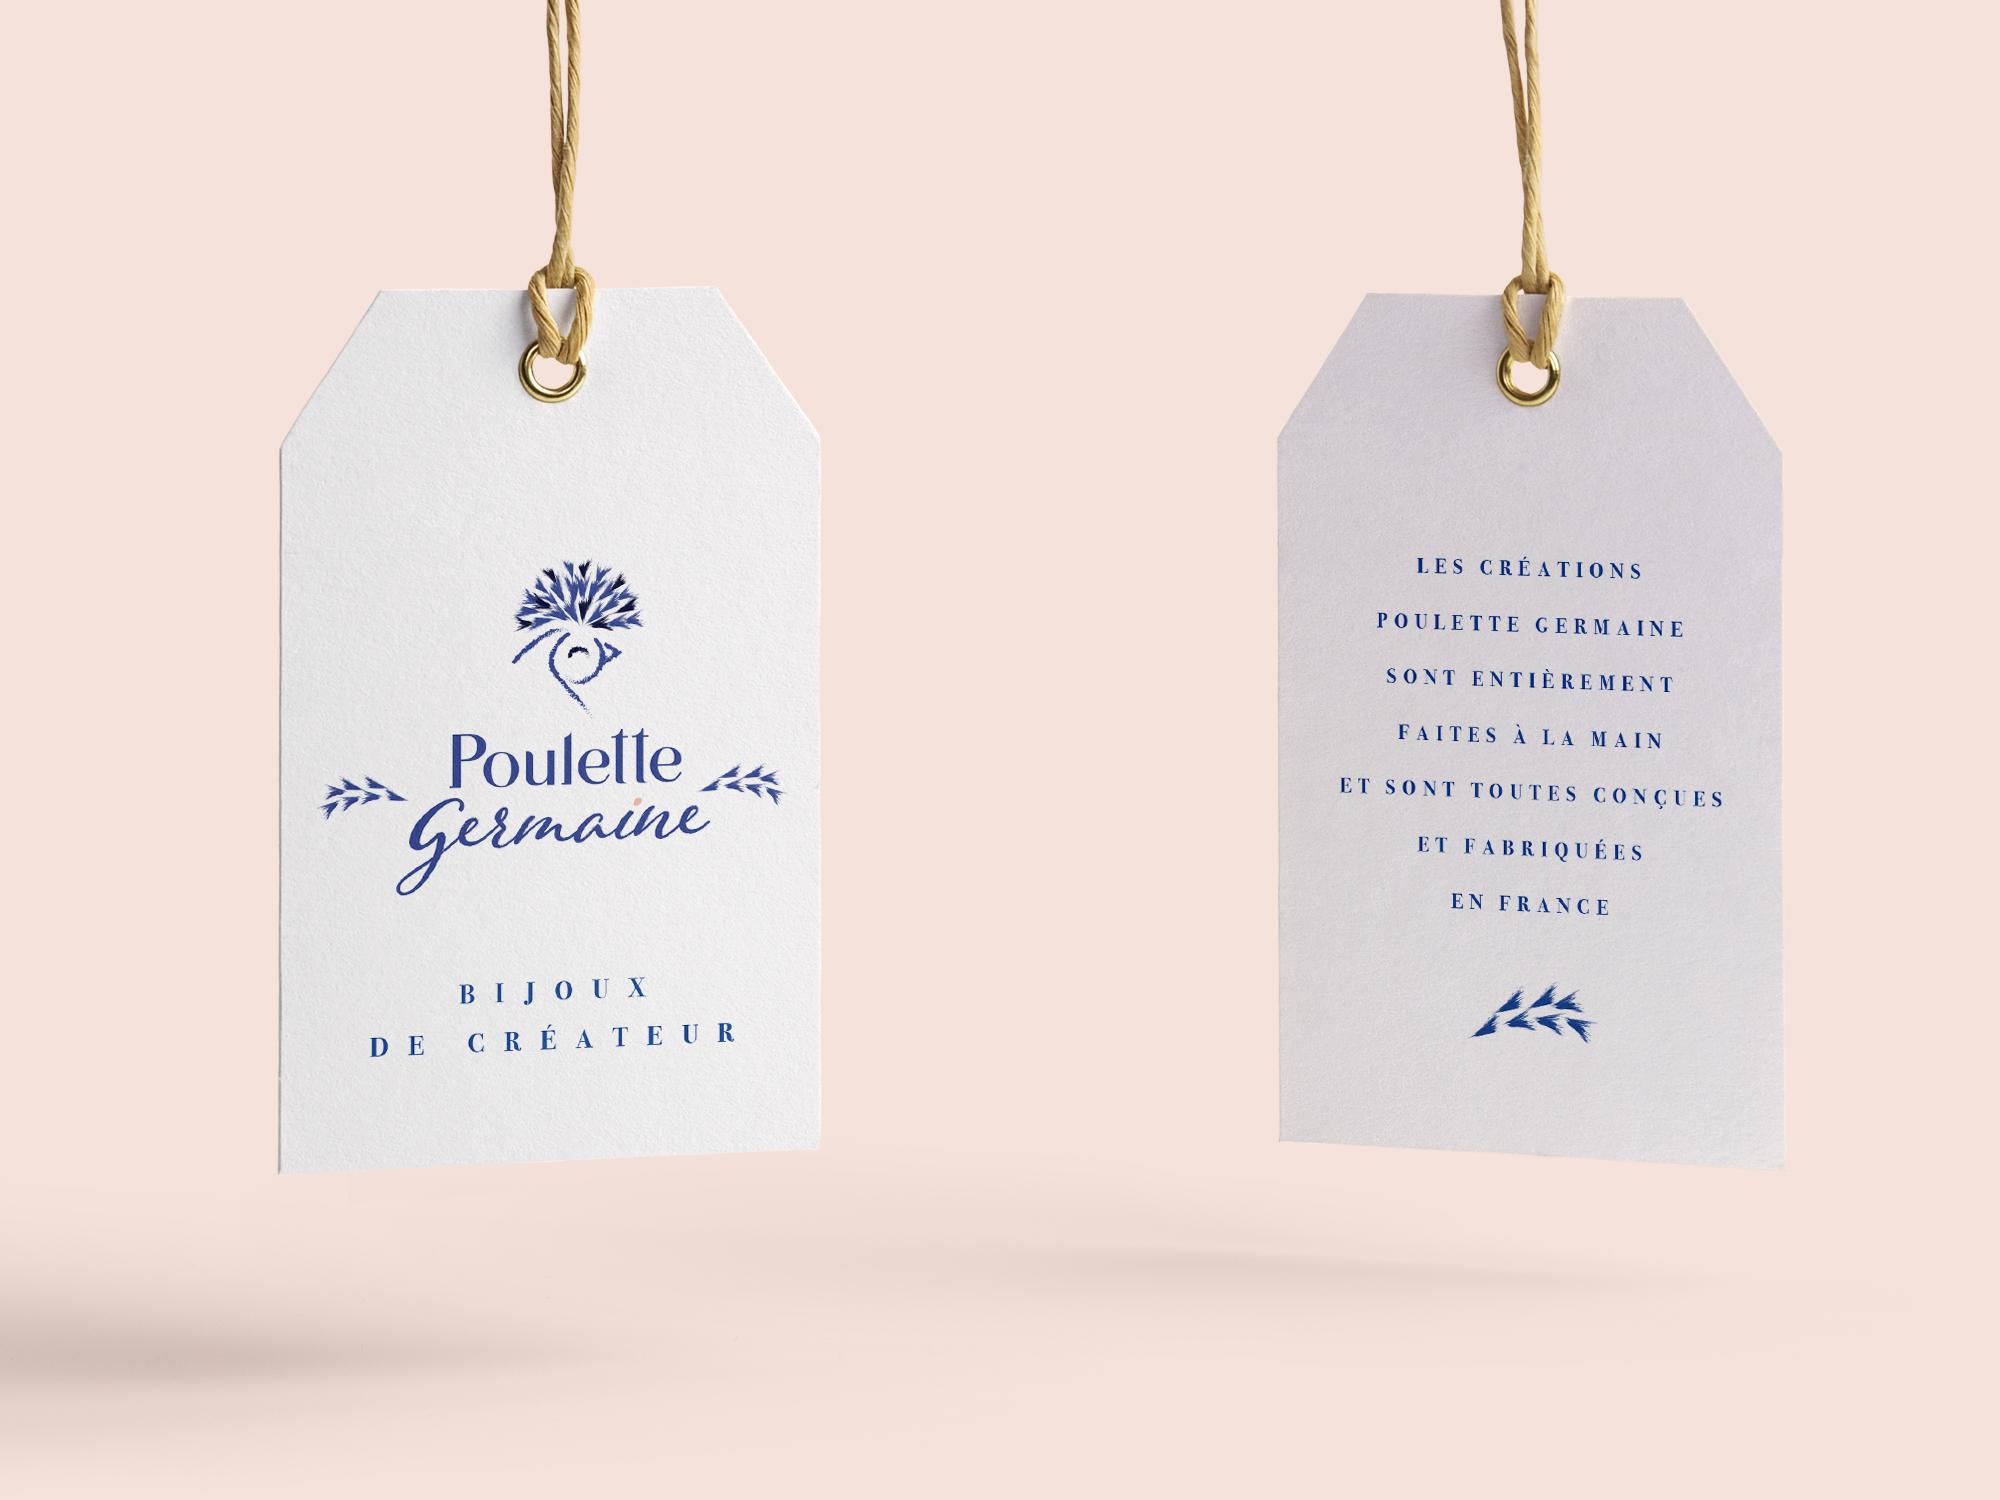 Etiquette Poulette Germaine -identité de marque -création WALA studio – freelance Normandie